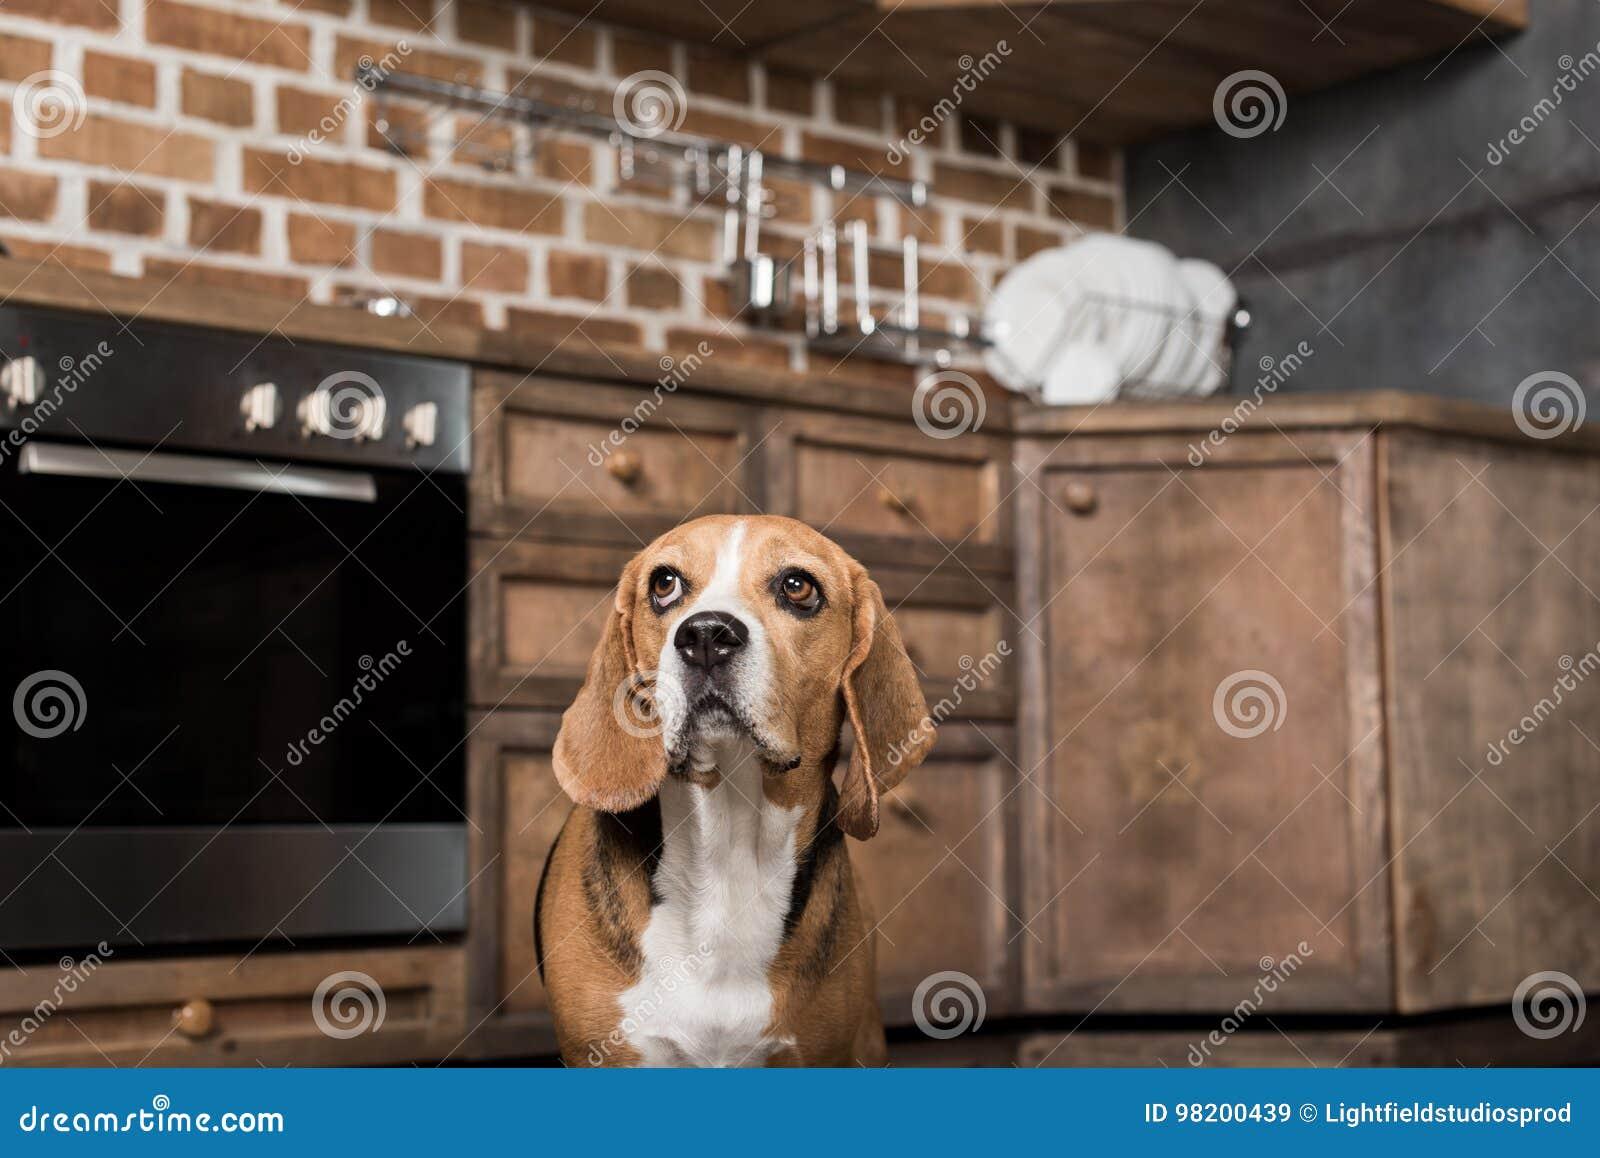 Download Собака бигля смотря вверх пока стоящ в кухне Стоковое Изображение - изображение насчитывающей содружественно, indoors: 98200439